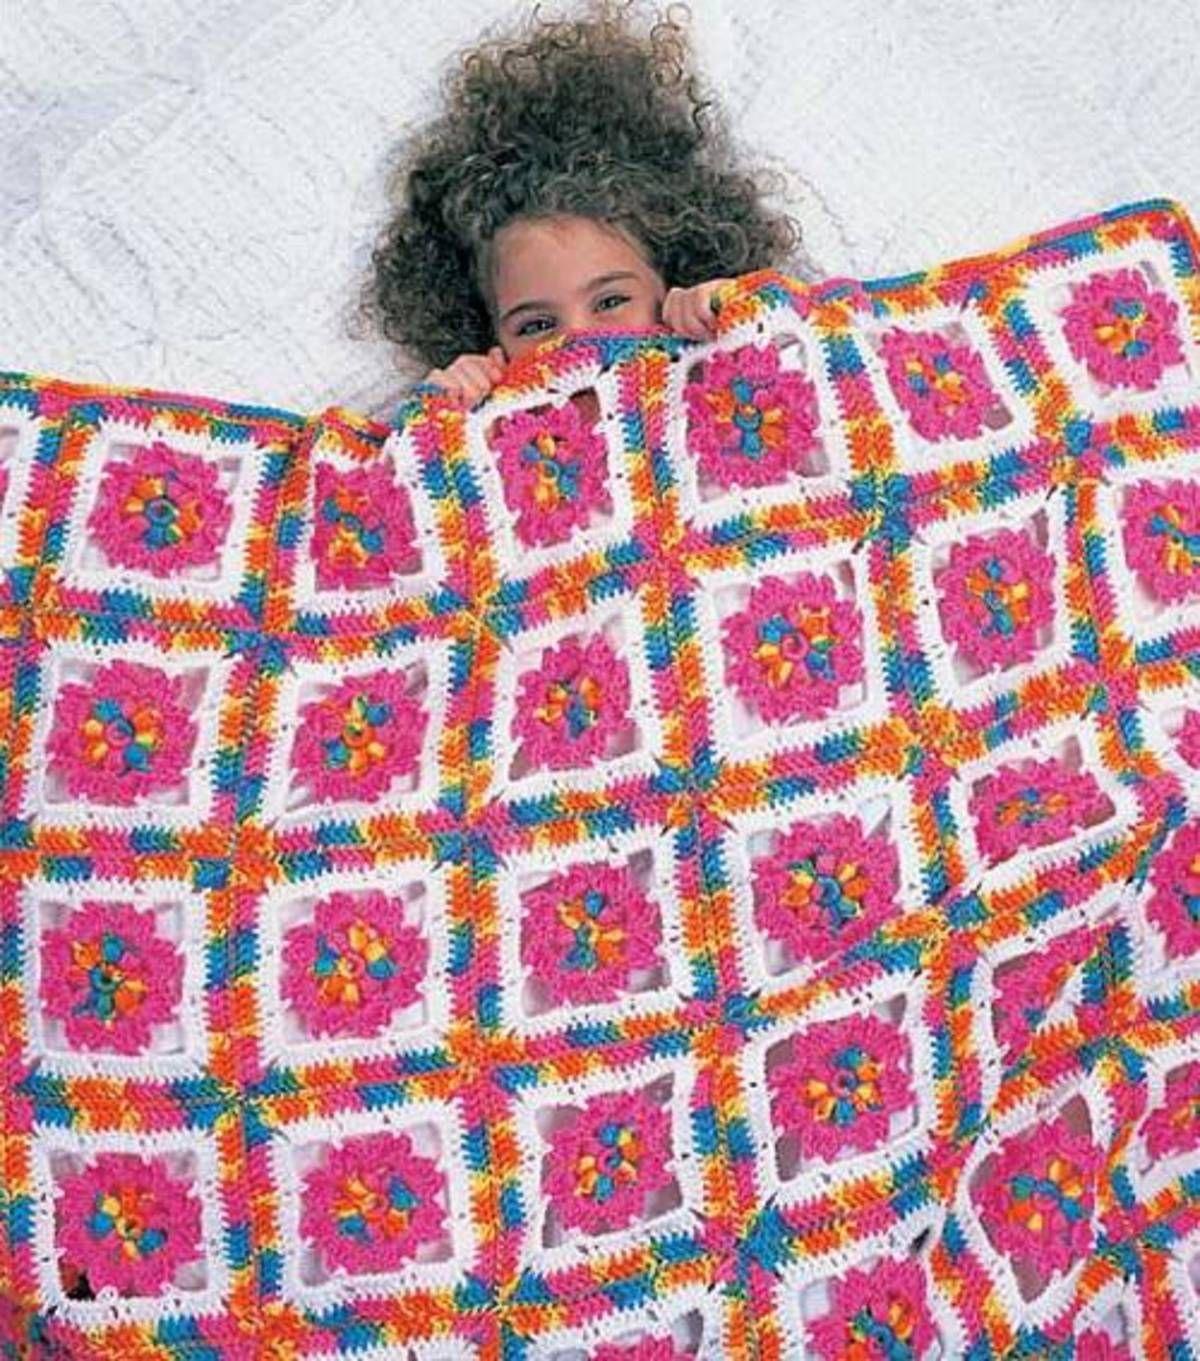 Bubblegum afghan free crochet pattern click on print project crochet baby blankets bubblegum afghan free crochet pattern click on print project description for pdf bankloansurffo Gallery